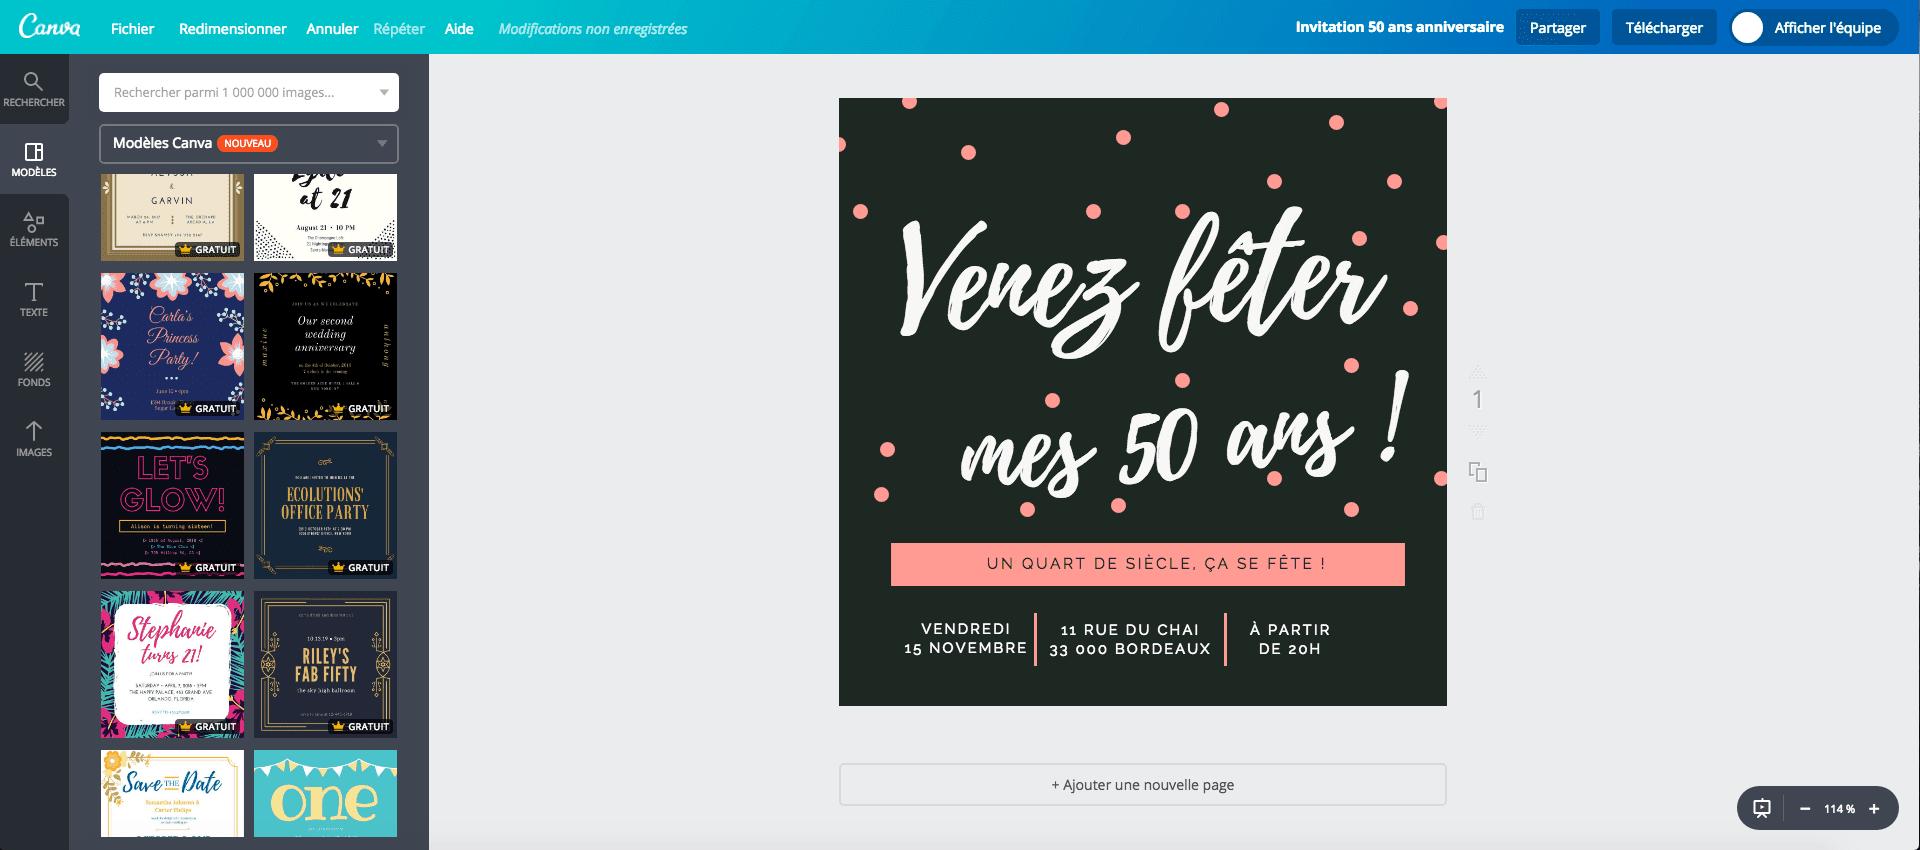 Invitation à l'anniversaire des 50 ans